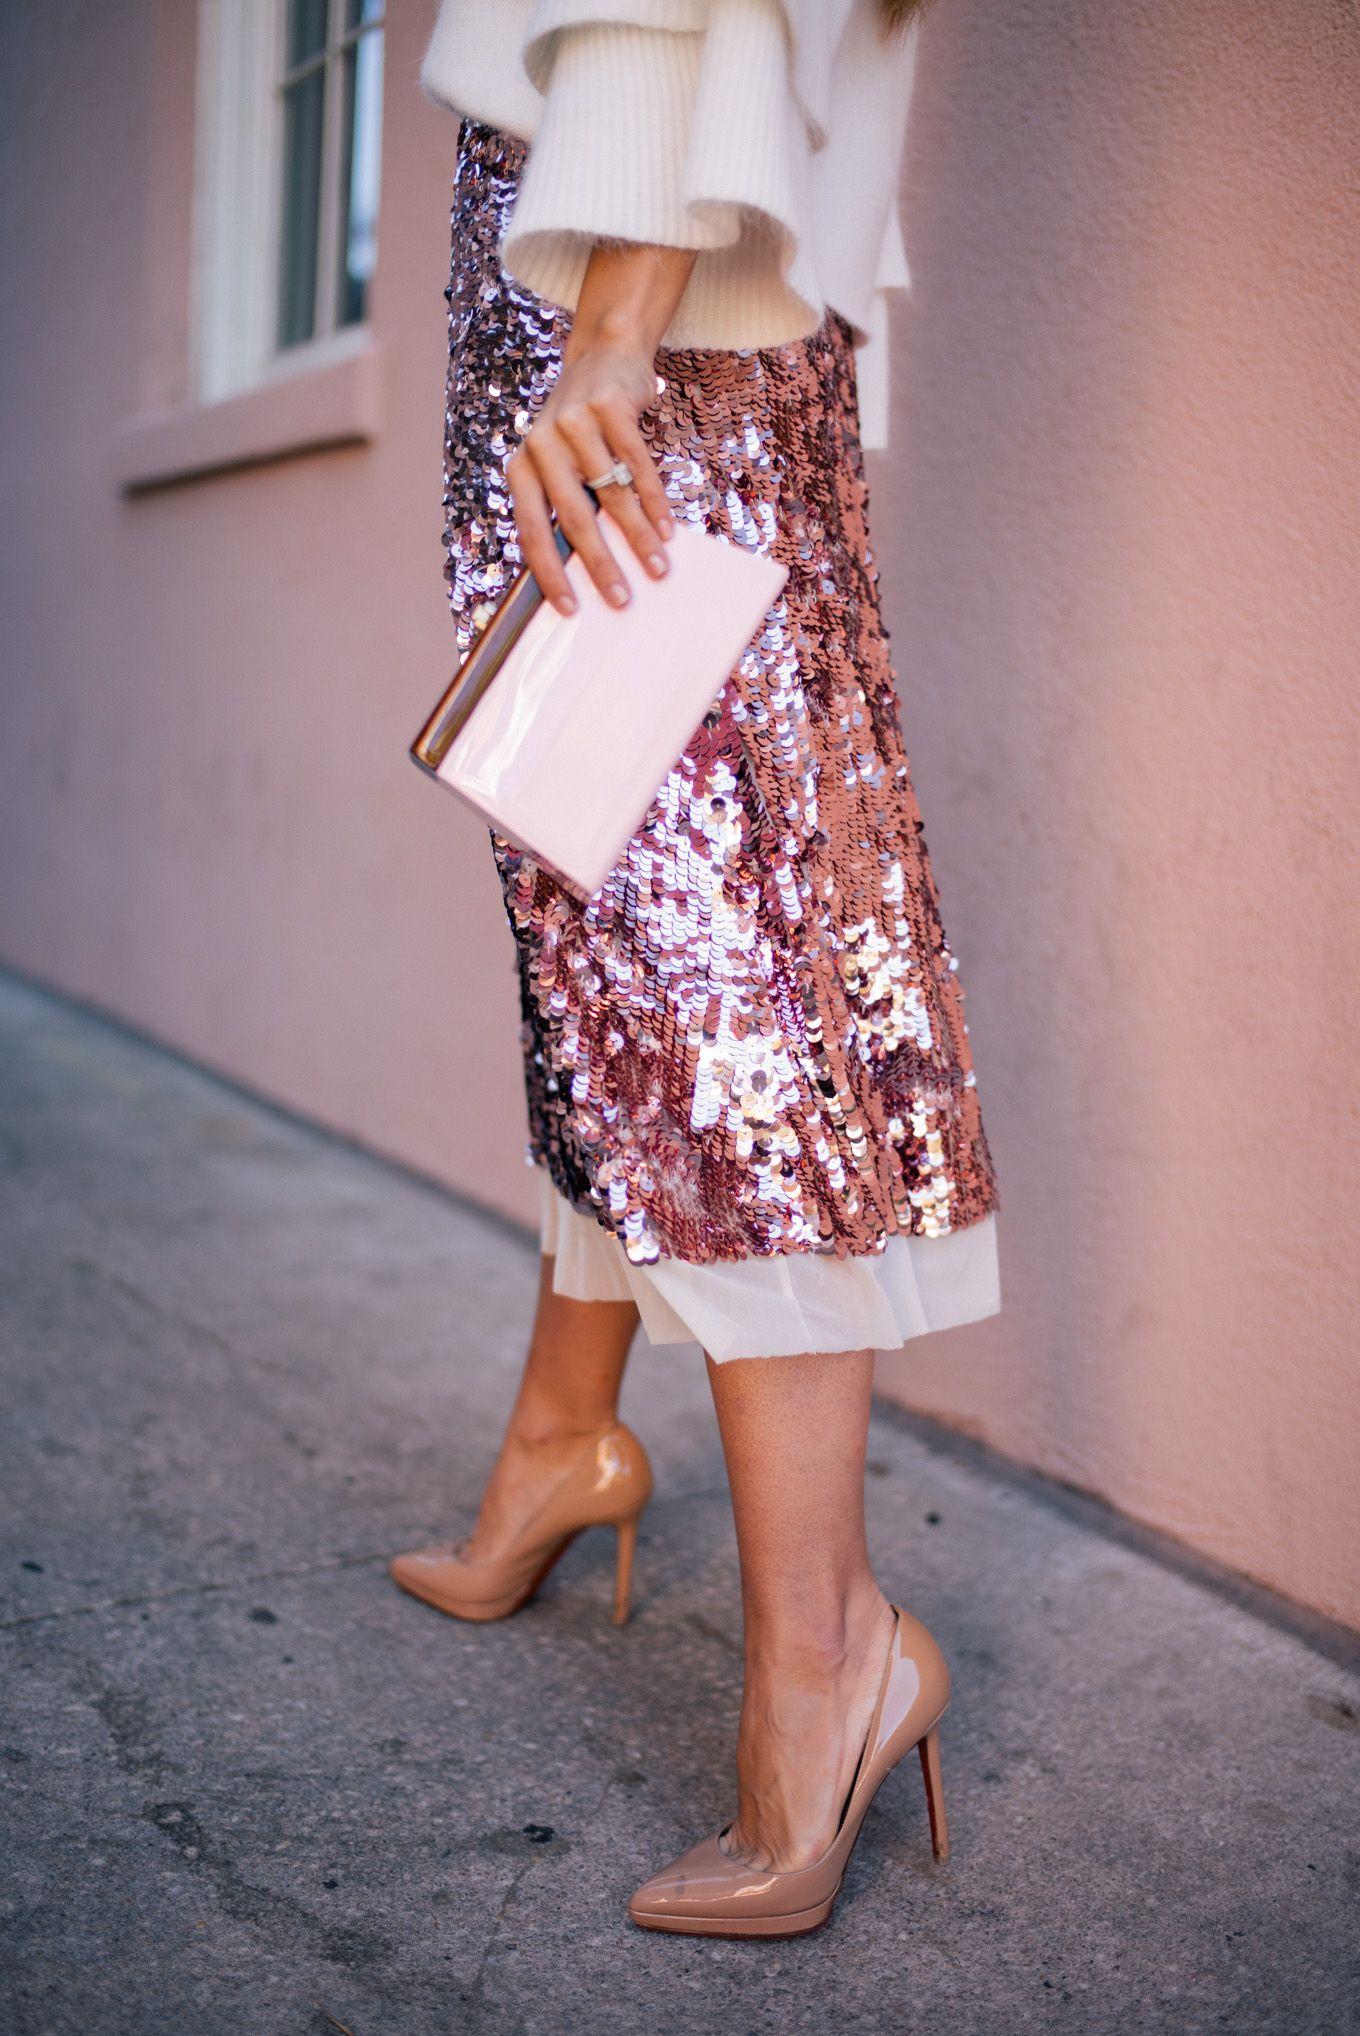 df084e1a44 Gal Meets Glam Pink Sequin Skirt -Endless Rose sweater, Tory Burch skirt,  Louboutin pumps & Rocio clutch